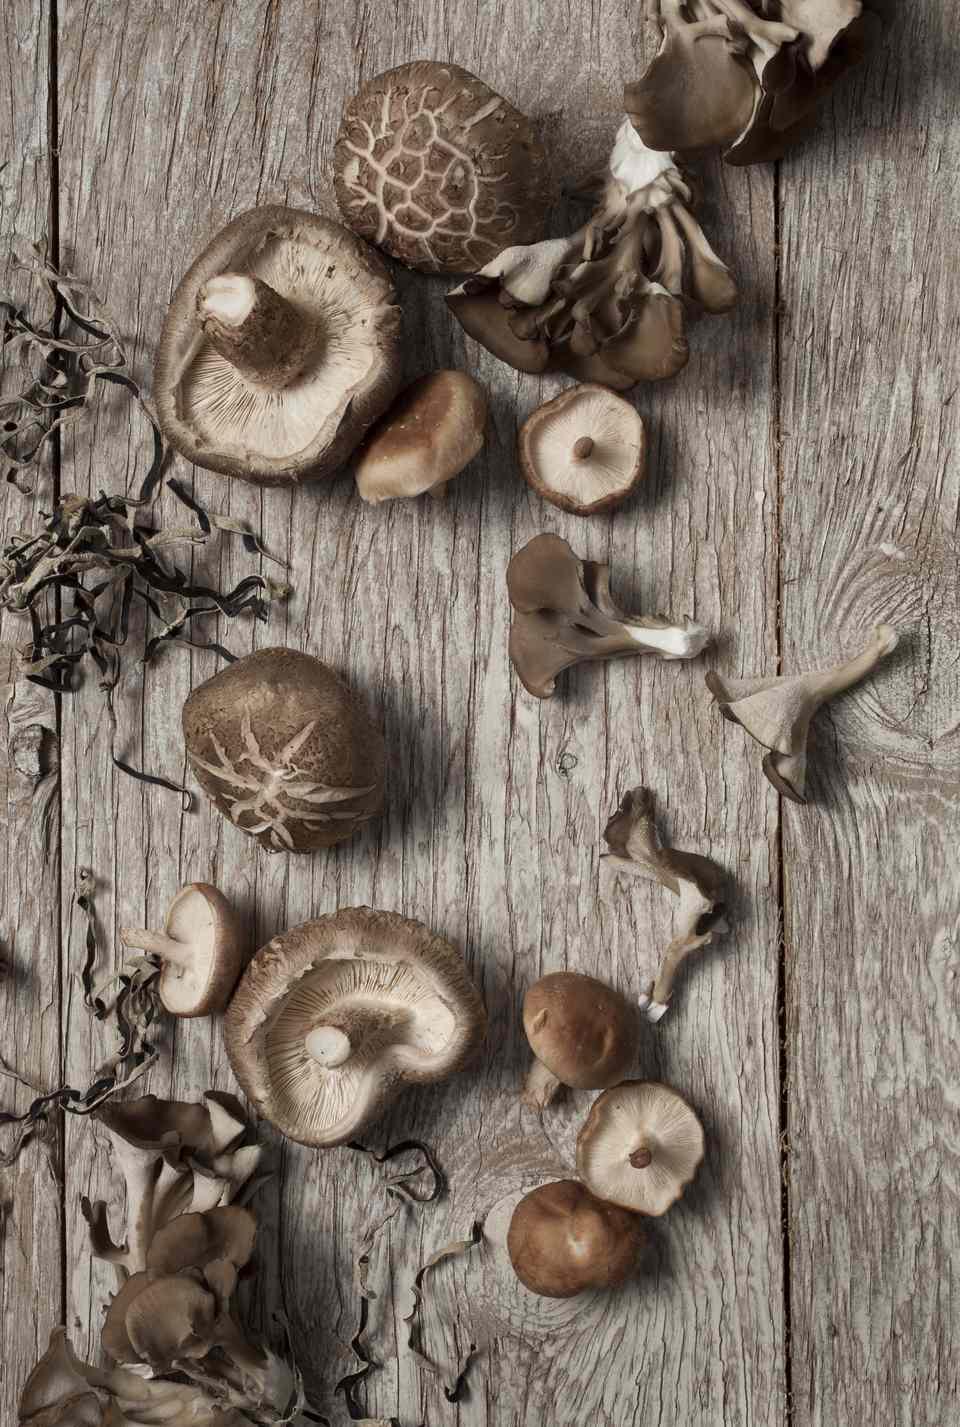 Chinese shiitake mushroom